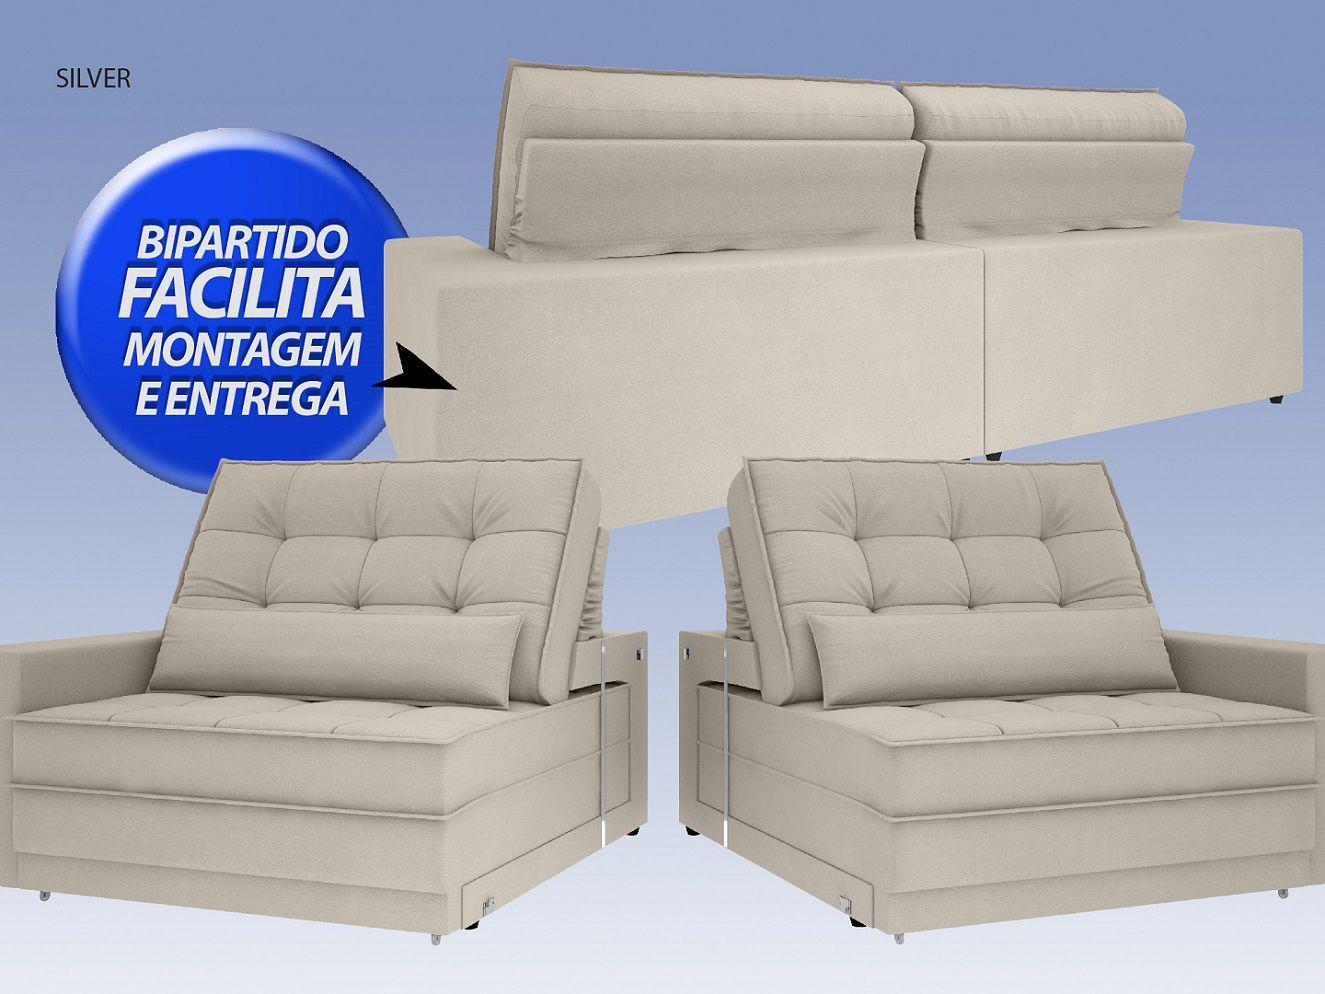 Sofá Silver 2,80m Retrátil e Reclinável Velosuede Areia - NETSOFAS